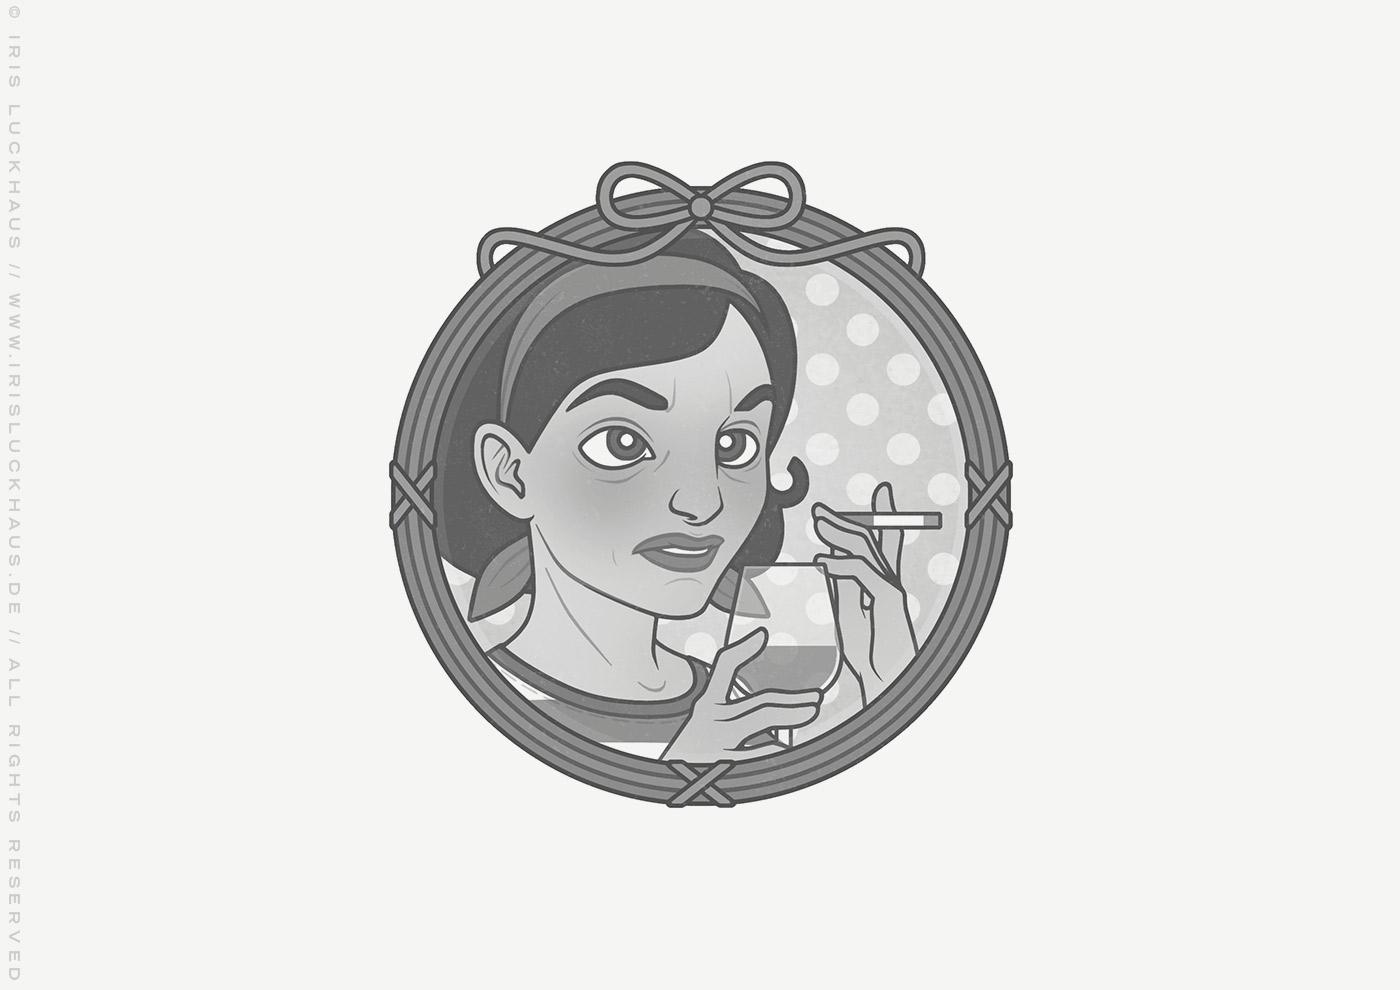 Vignette der vormals unglücklichen Mimi Fiedler mit Rotwein und Zigarette rauchend für das Buch Brauchsu keine Doktor, brauchsu nur diese Buch – Die Balkantherapie für Liebe, Leib und Leben von Mimi Fiedler im MVG Verlag